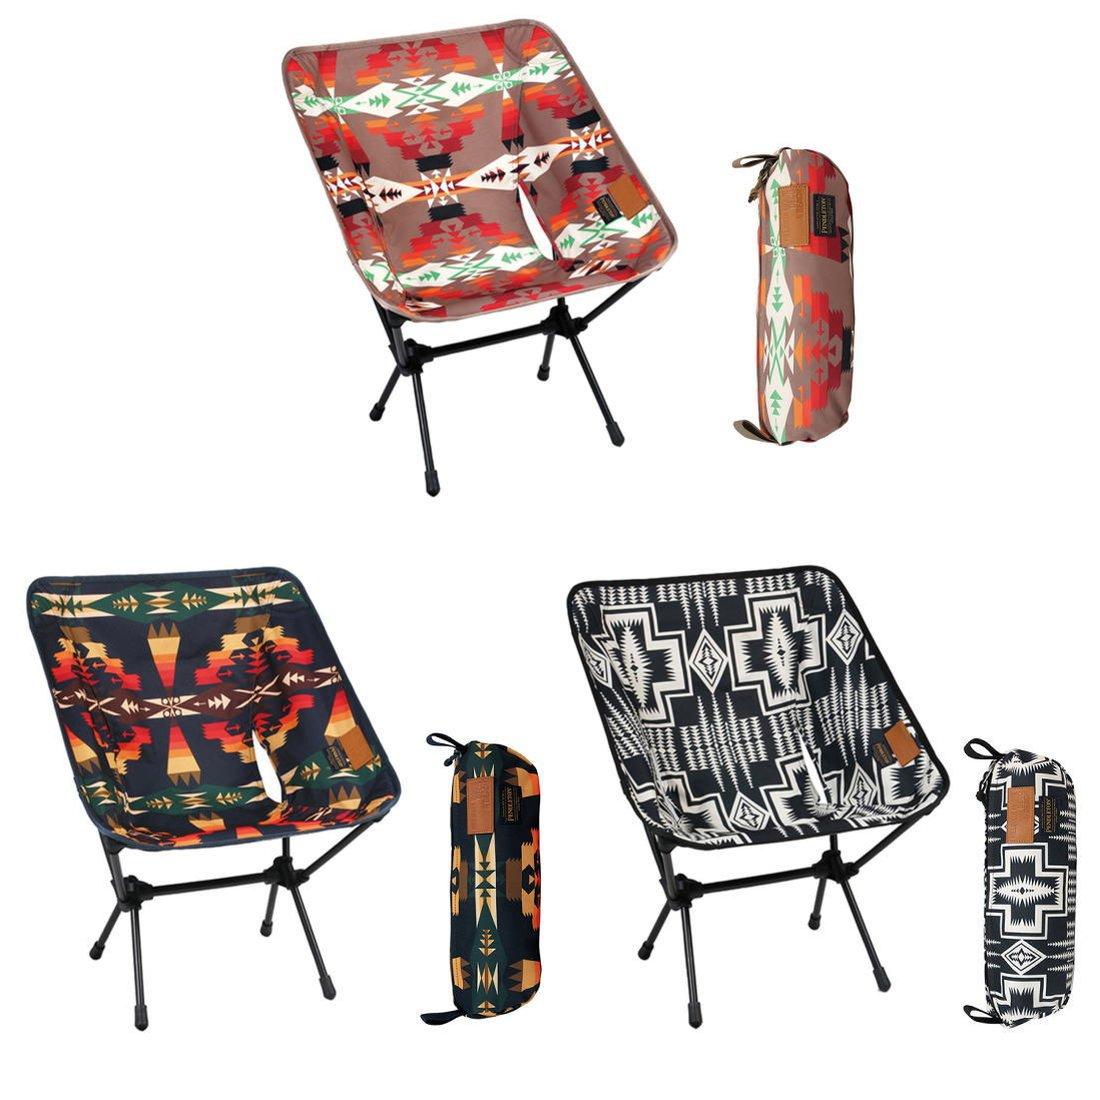 ペンドルトン ペンドルトン ヘリノックス ホーム チェア1 椅子チェアー  国内正規品